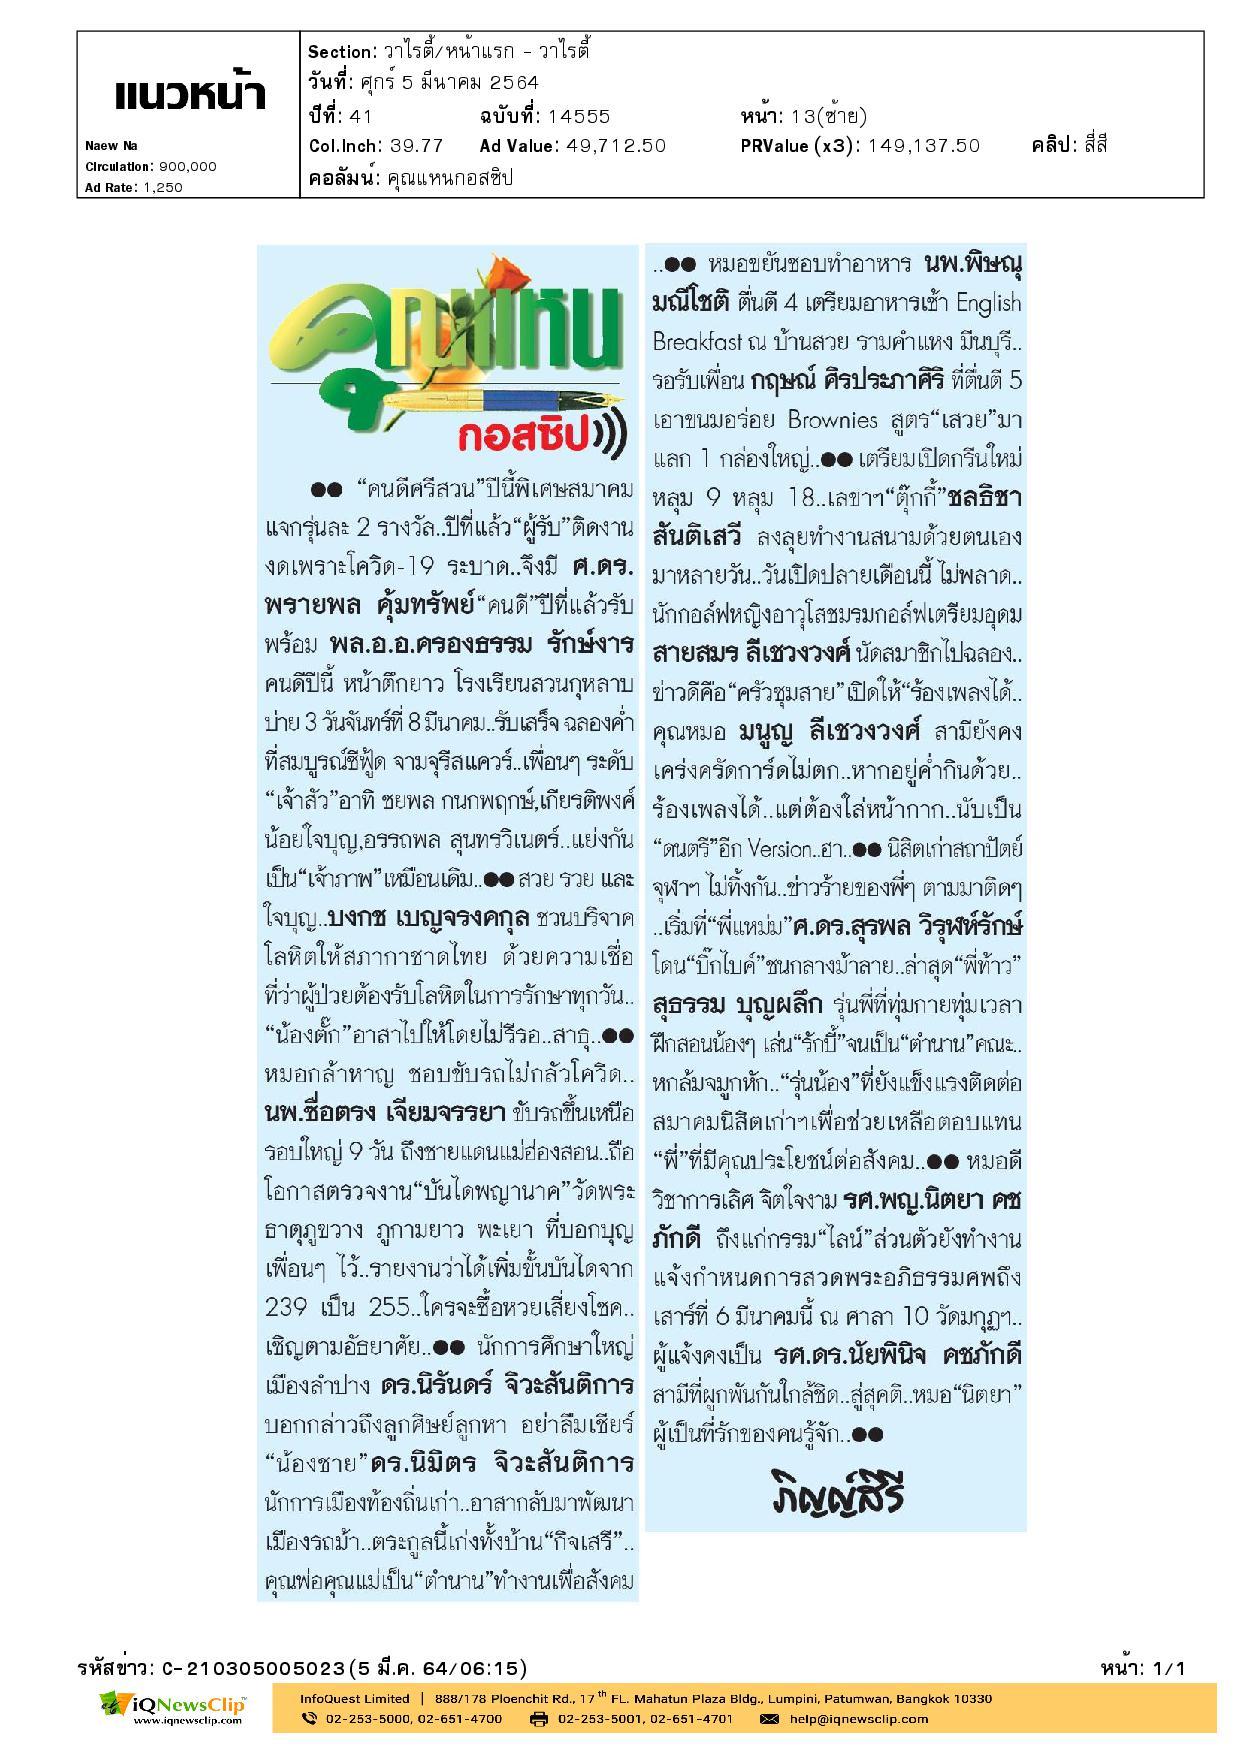 บงกช เบญจรงคกุล ชวนบริจาคโลหิตให้แก่สภากาชาดไทย